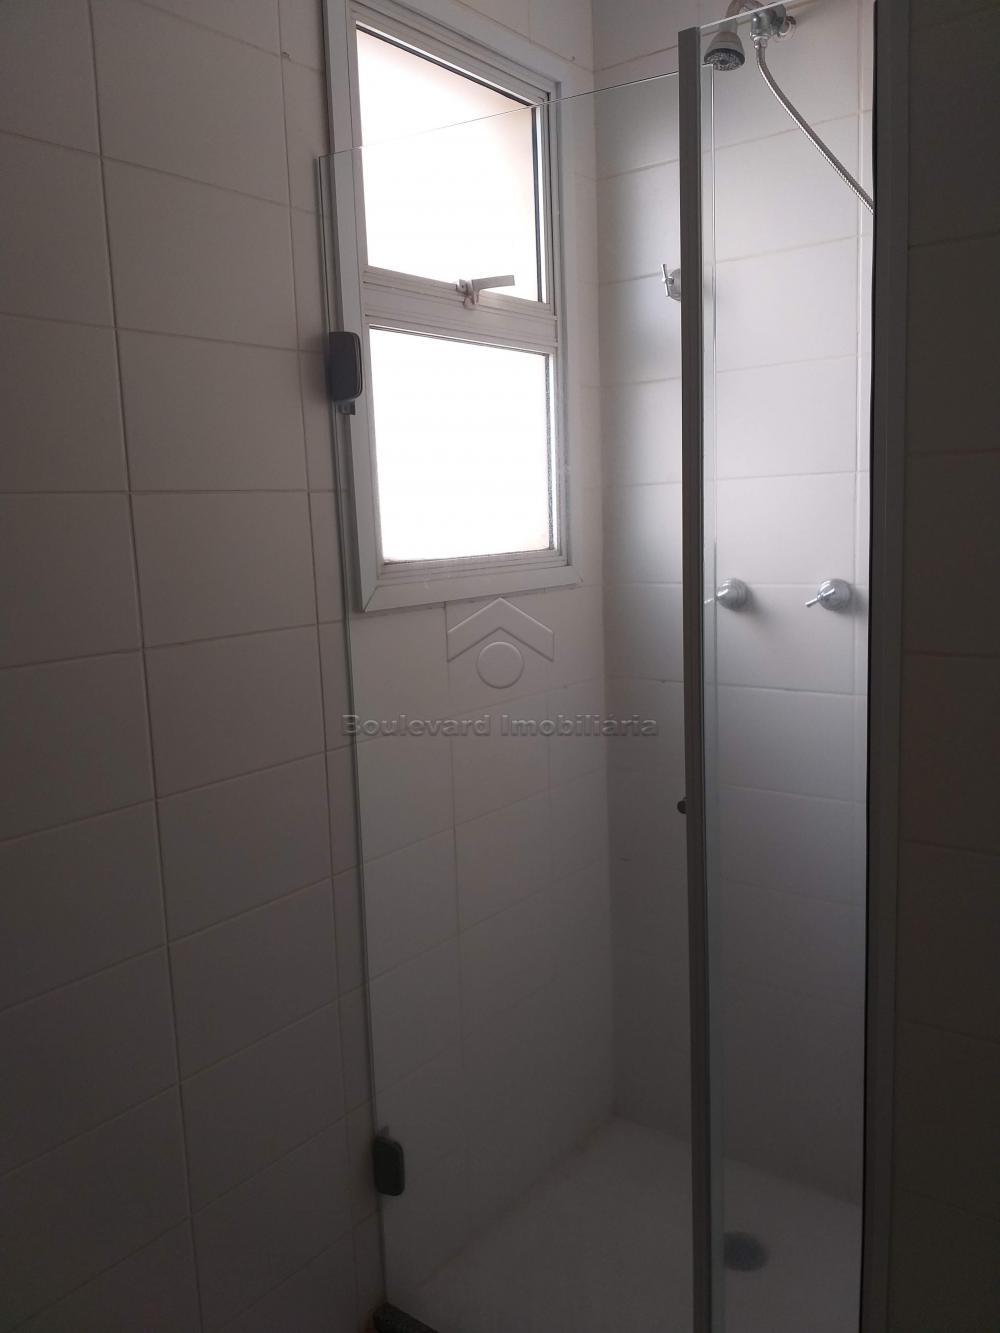 Comprar Apartamento / Padrão em Ribeirão Preto apenas R$ 499.000,00 - Foto 11